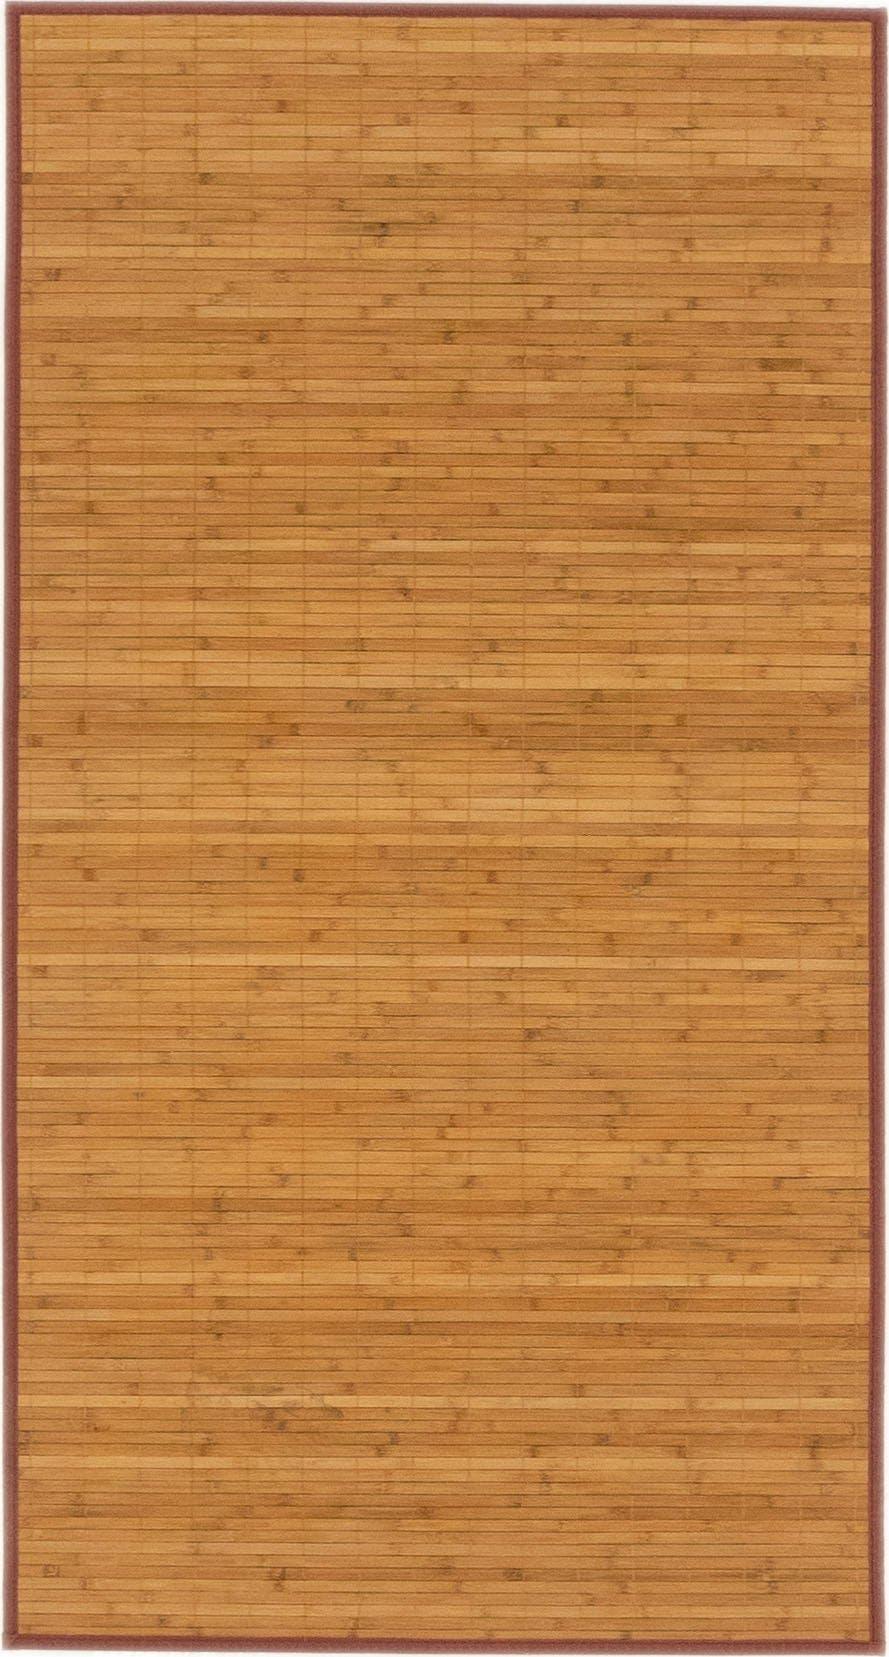 2' 8 x 5' Bamboo Rug main image